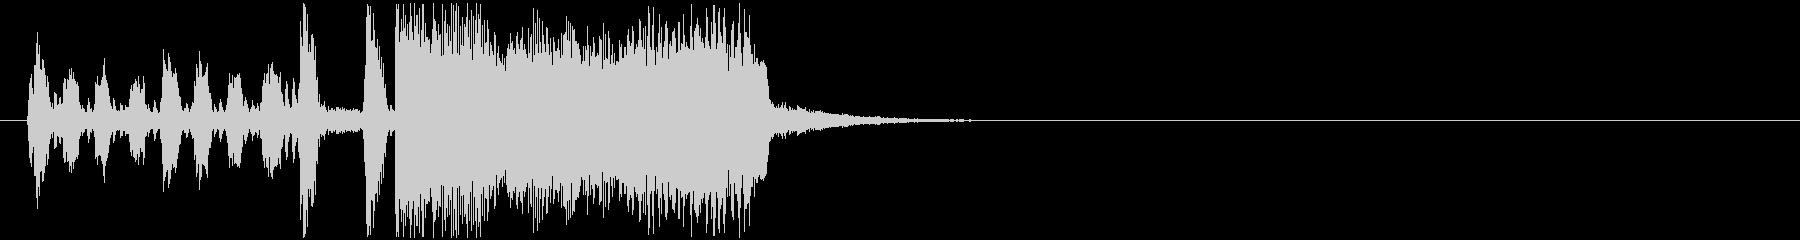 登場 ファンファーレの未再生の波形